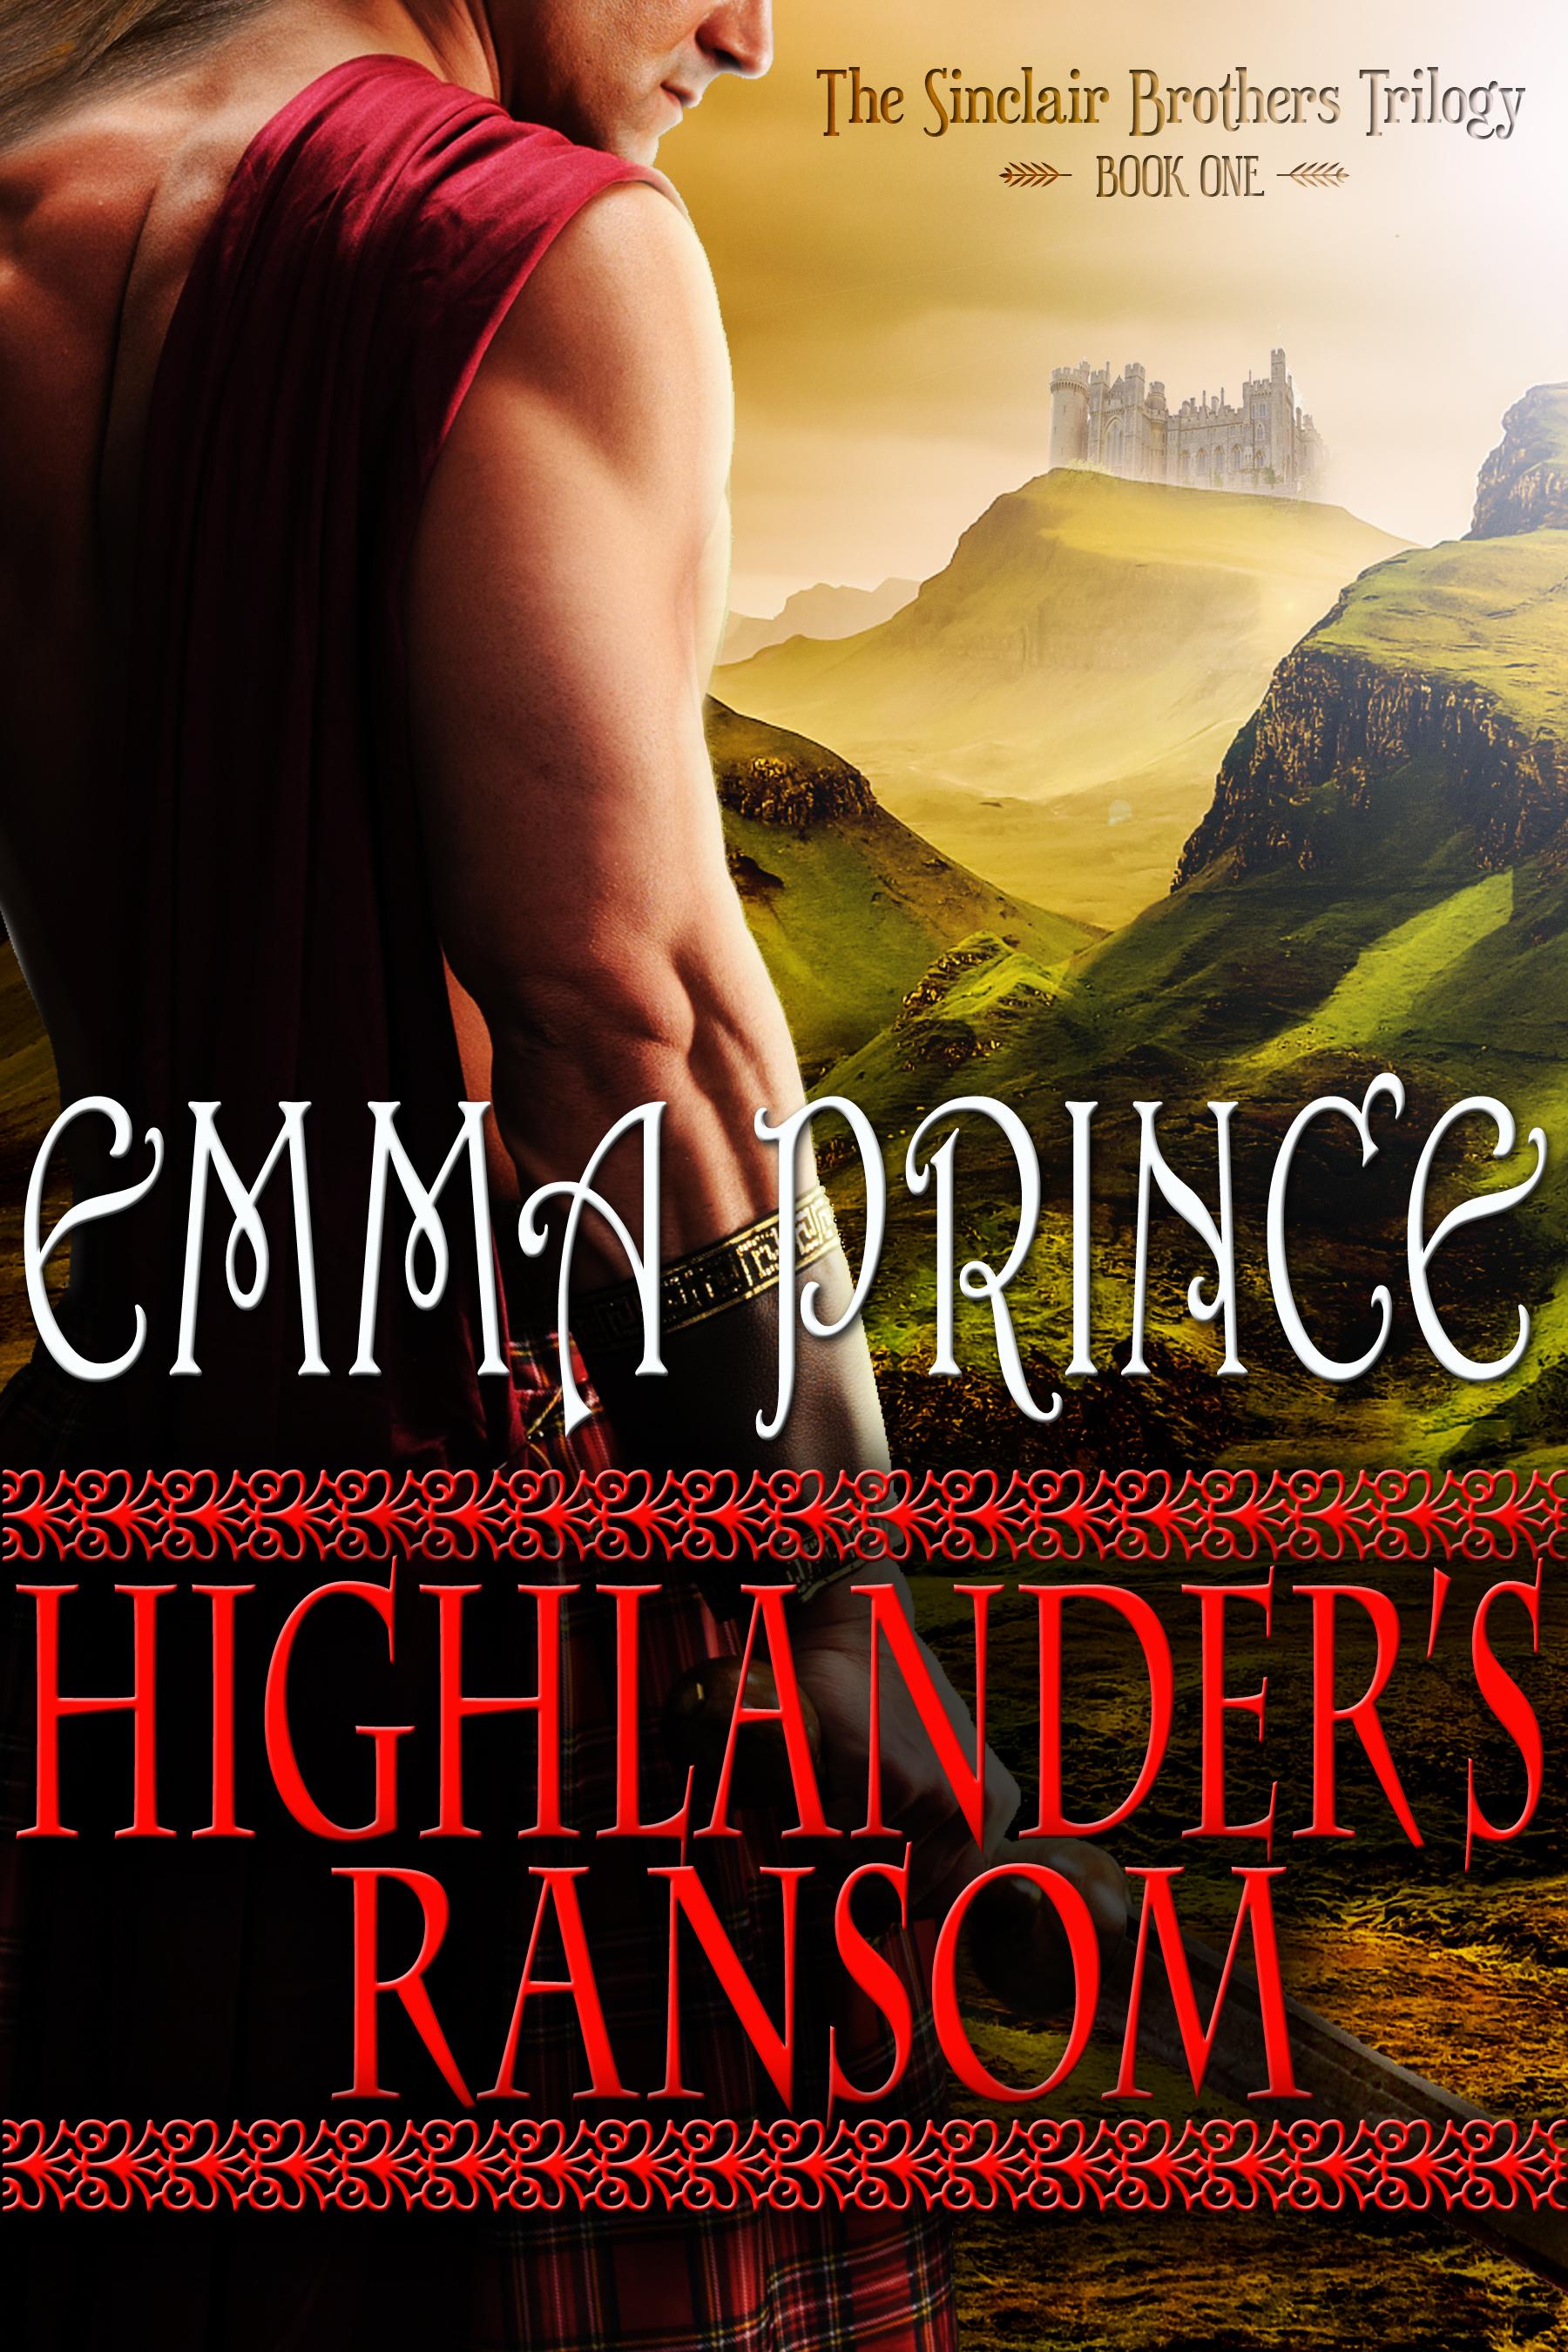 Prince_Highlander's Ransom.jpg